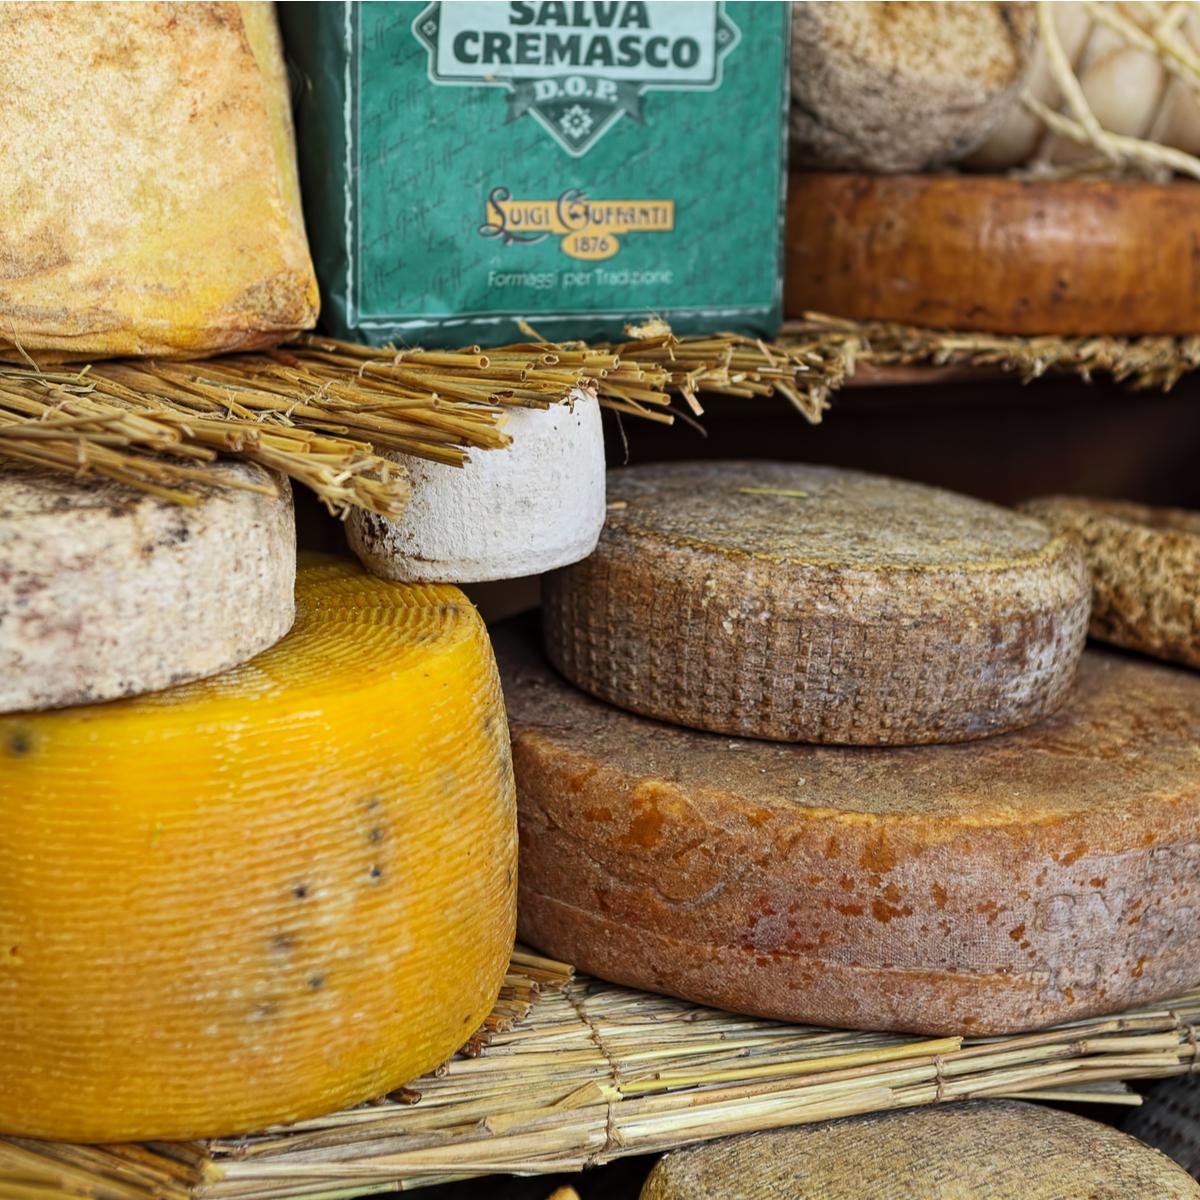 Mercat de Vi i Formatge a Sant Pere Pescador